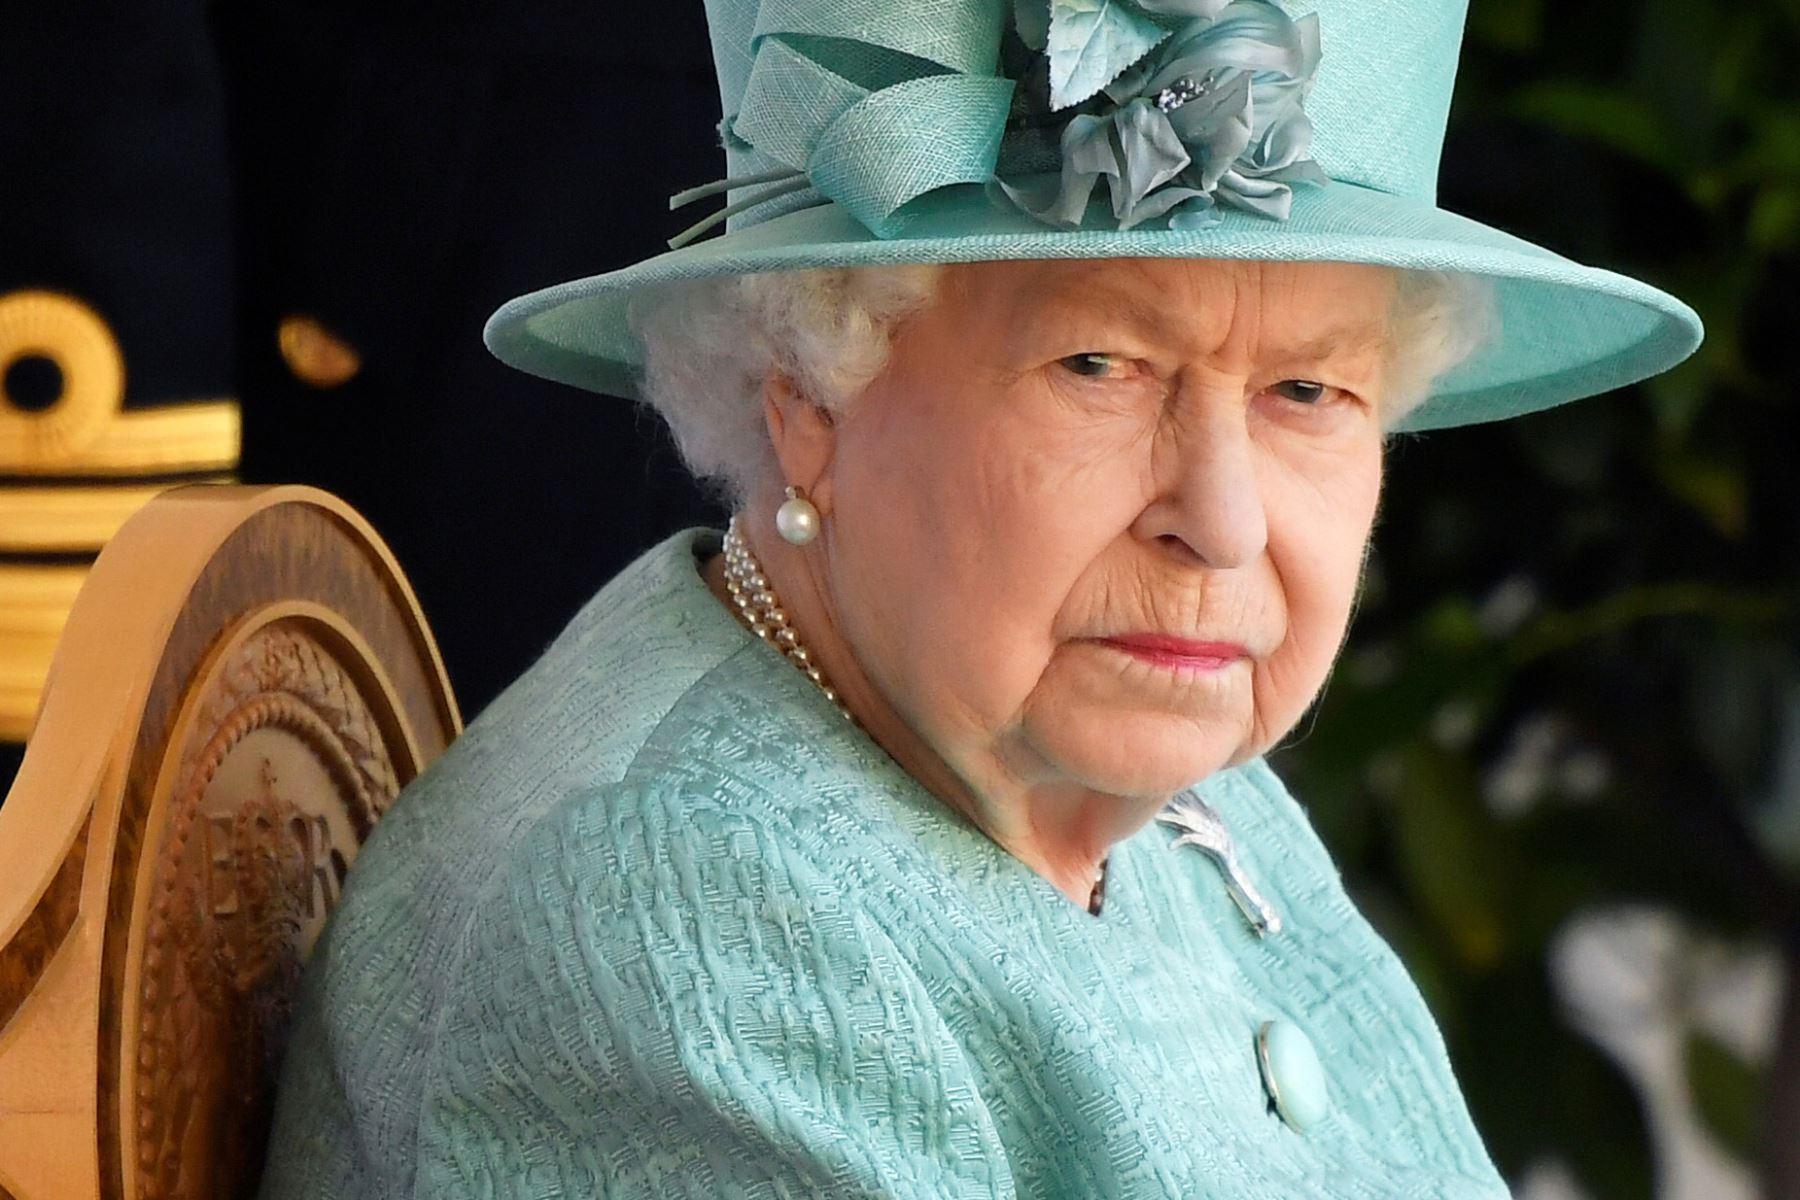 La reina Isabel es jefa de Estado del Reino Unido y otros 15 países (Antigua y Barbuda, Australia, Bahamas, Barbados, Belice, Canadá, Granada, Jamaica, Nueva Zelanda, Papúa Nueva Guinea, San Cristóbal y Nieves, Santa Lucía, San Vicente y las Granadinas, Islas Salomón y Tuvalu). Foto: AFP